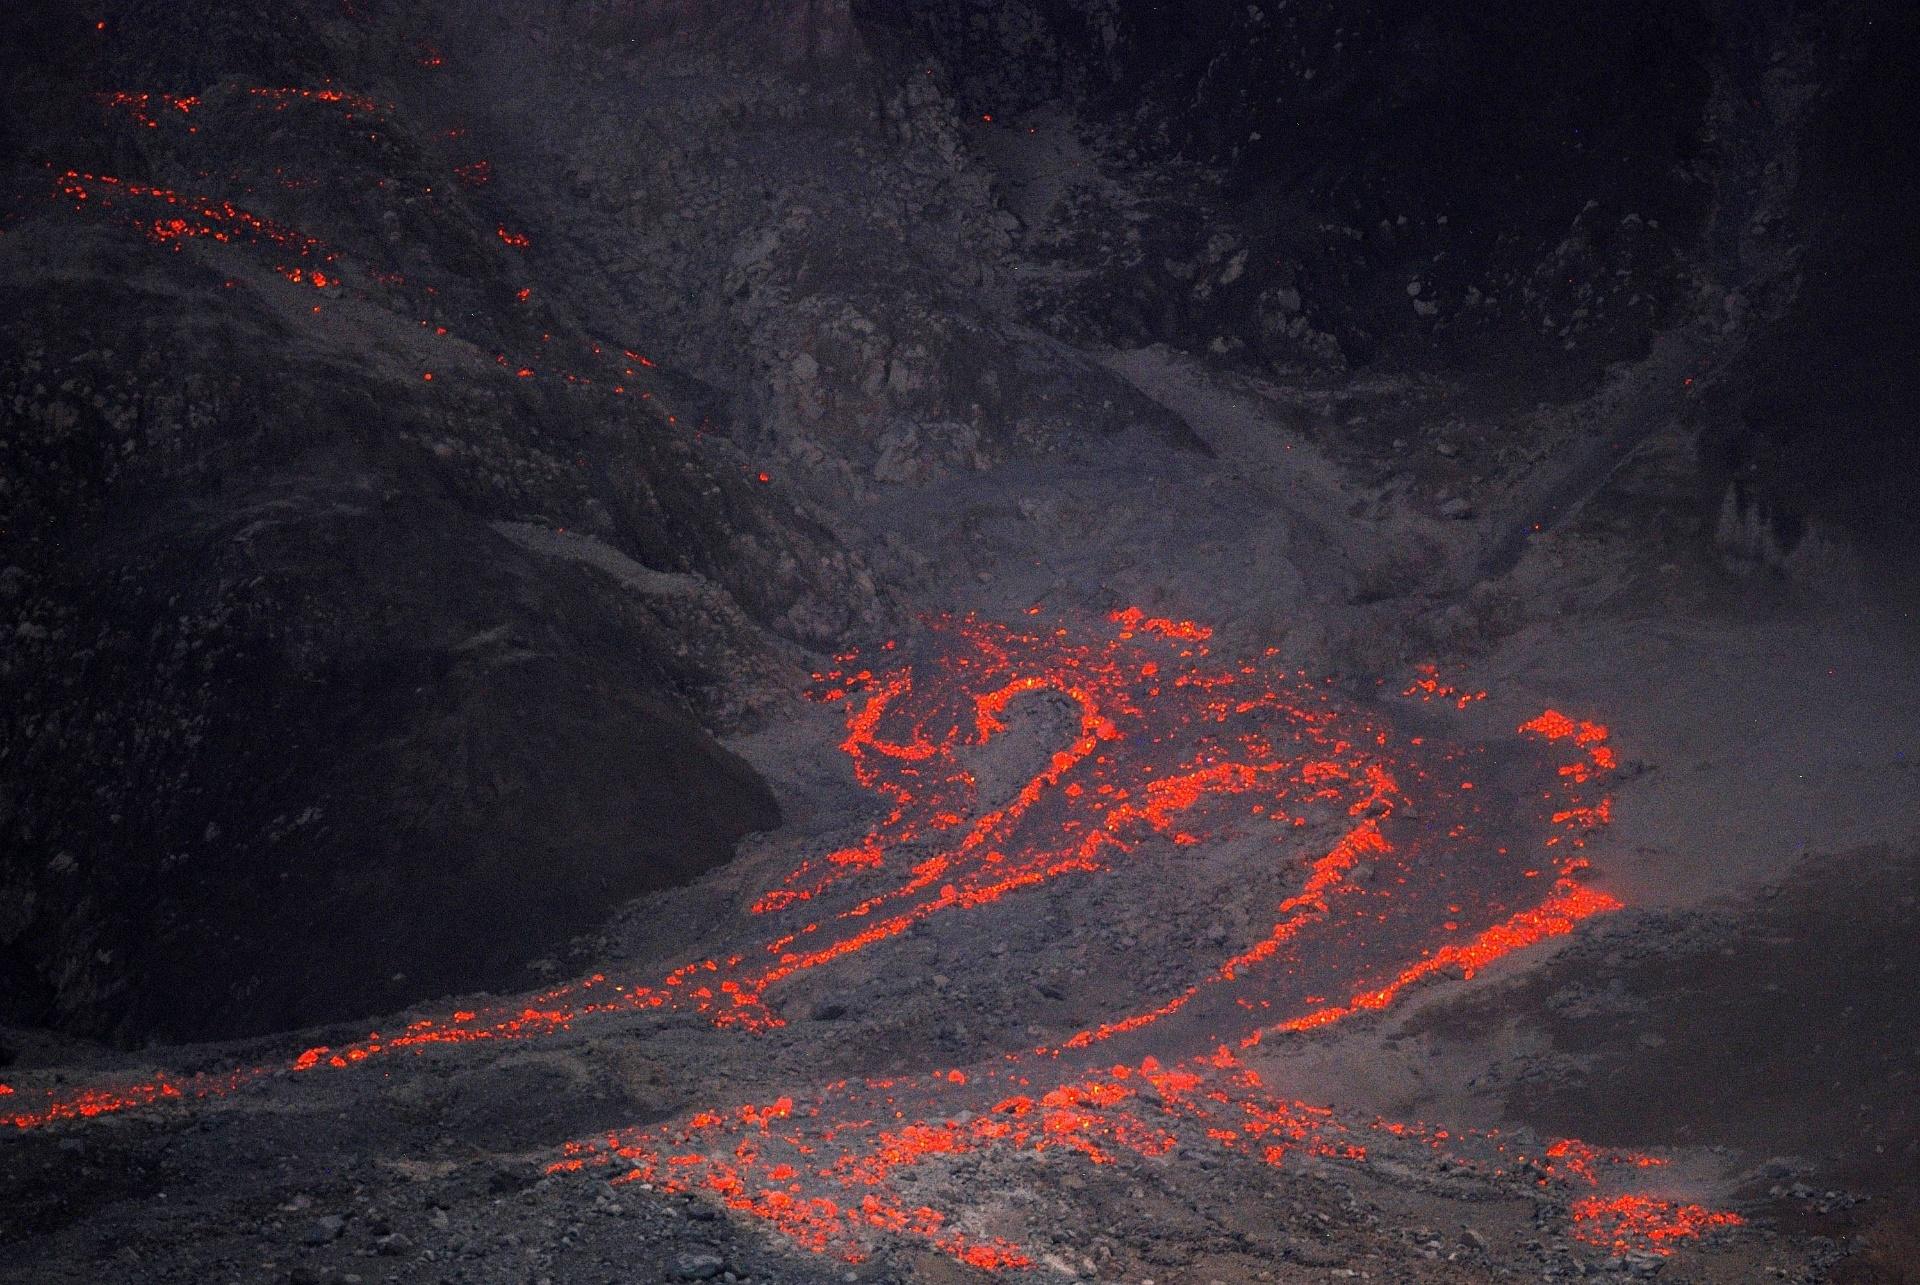 7.dez.2014 - Lava desce da cratera do vulcão Monte Sinabung, em Karo, província da ilha indonésia de Sumatra. O governo local removeu moradores que residiam em áreas de risco próximas do vulcão. Ao todo, 17 pessoas moreram desde fevereiro, quando o vulcão entrou em erupção